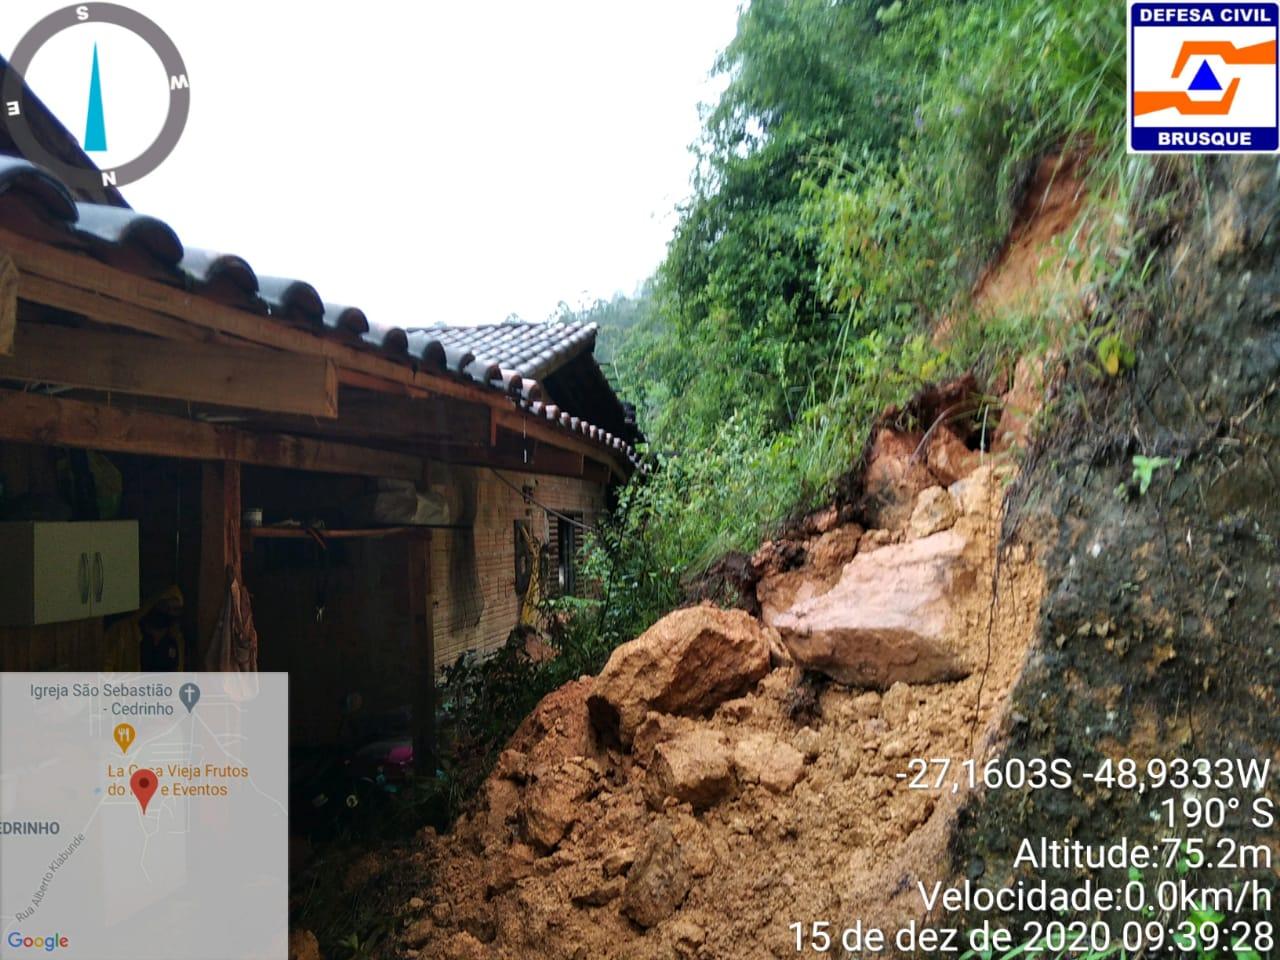 Defesa Civil entra em estado de atenção para possíveis deslizamentos de terra